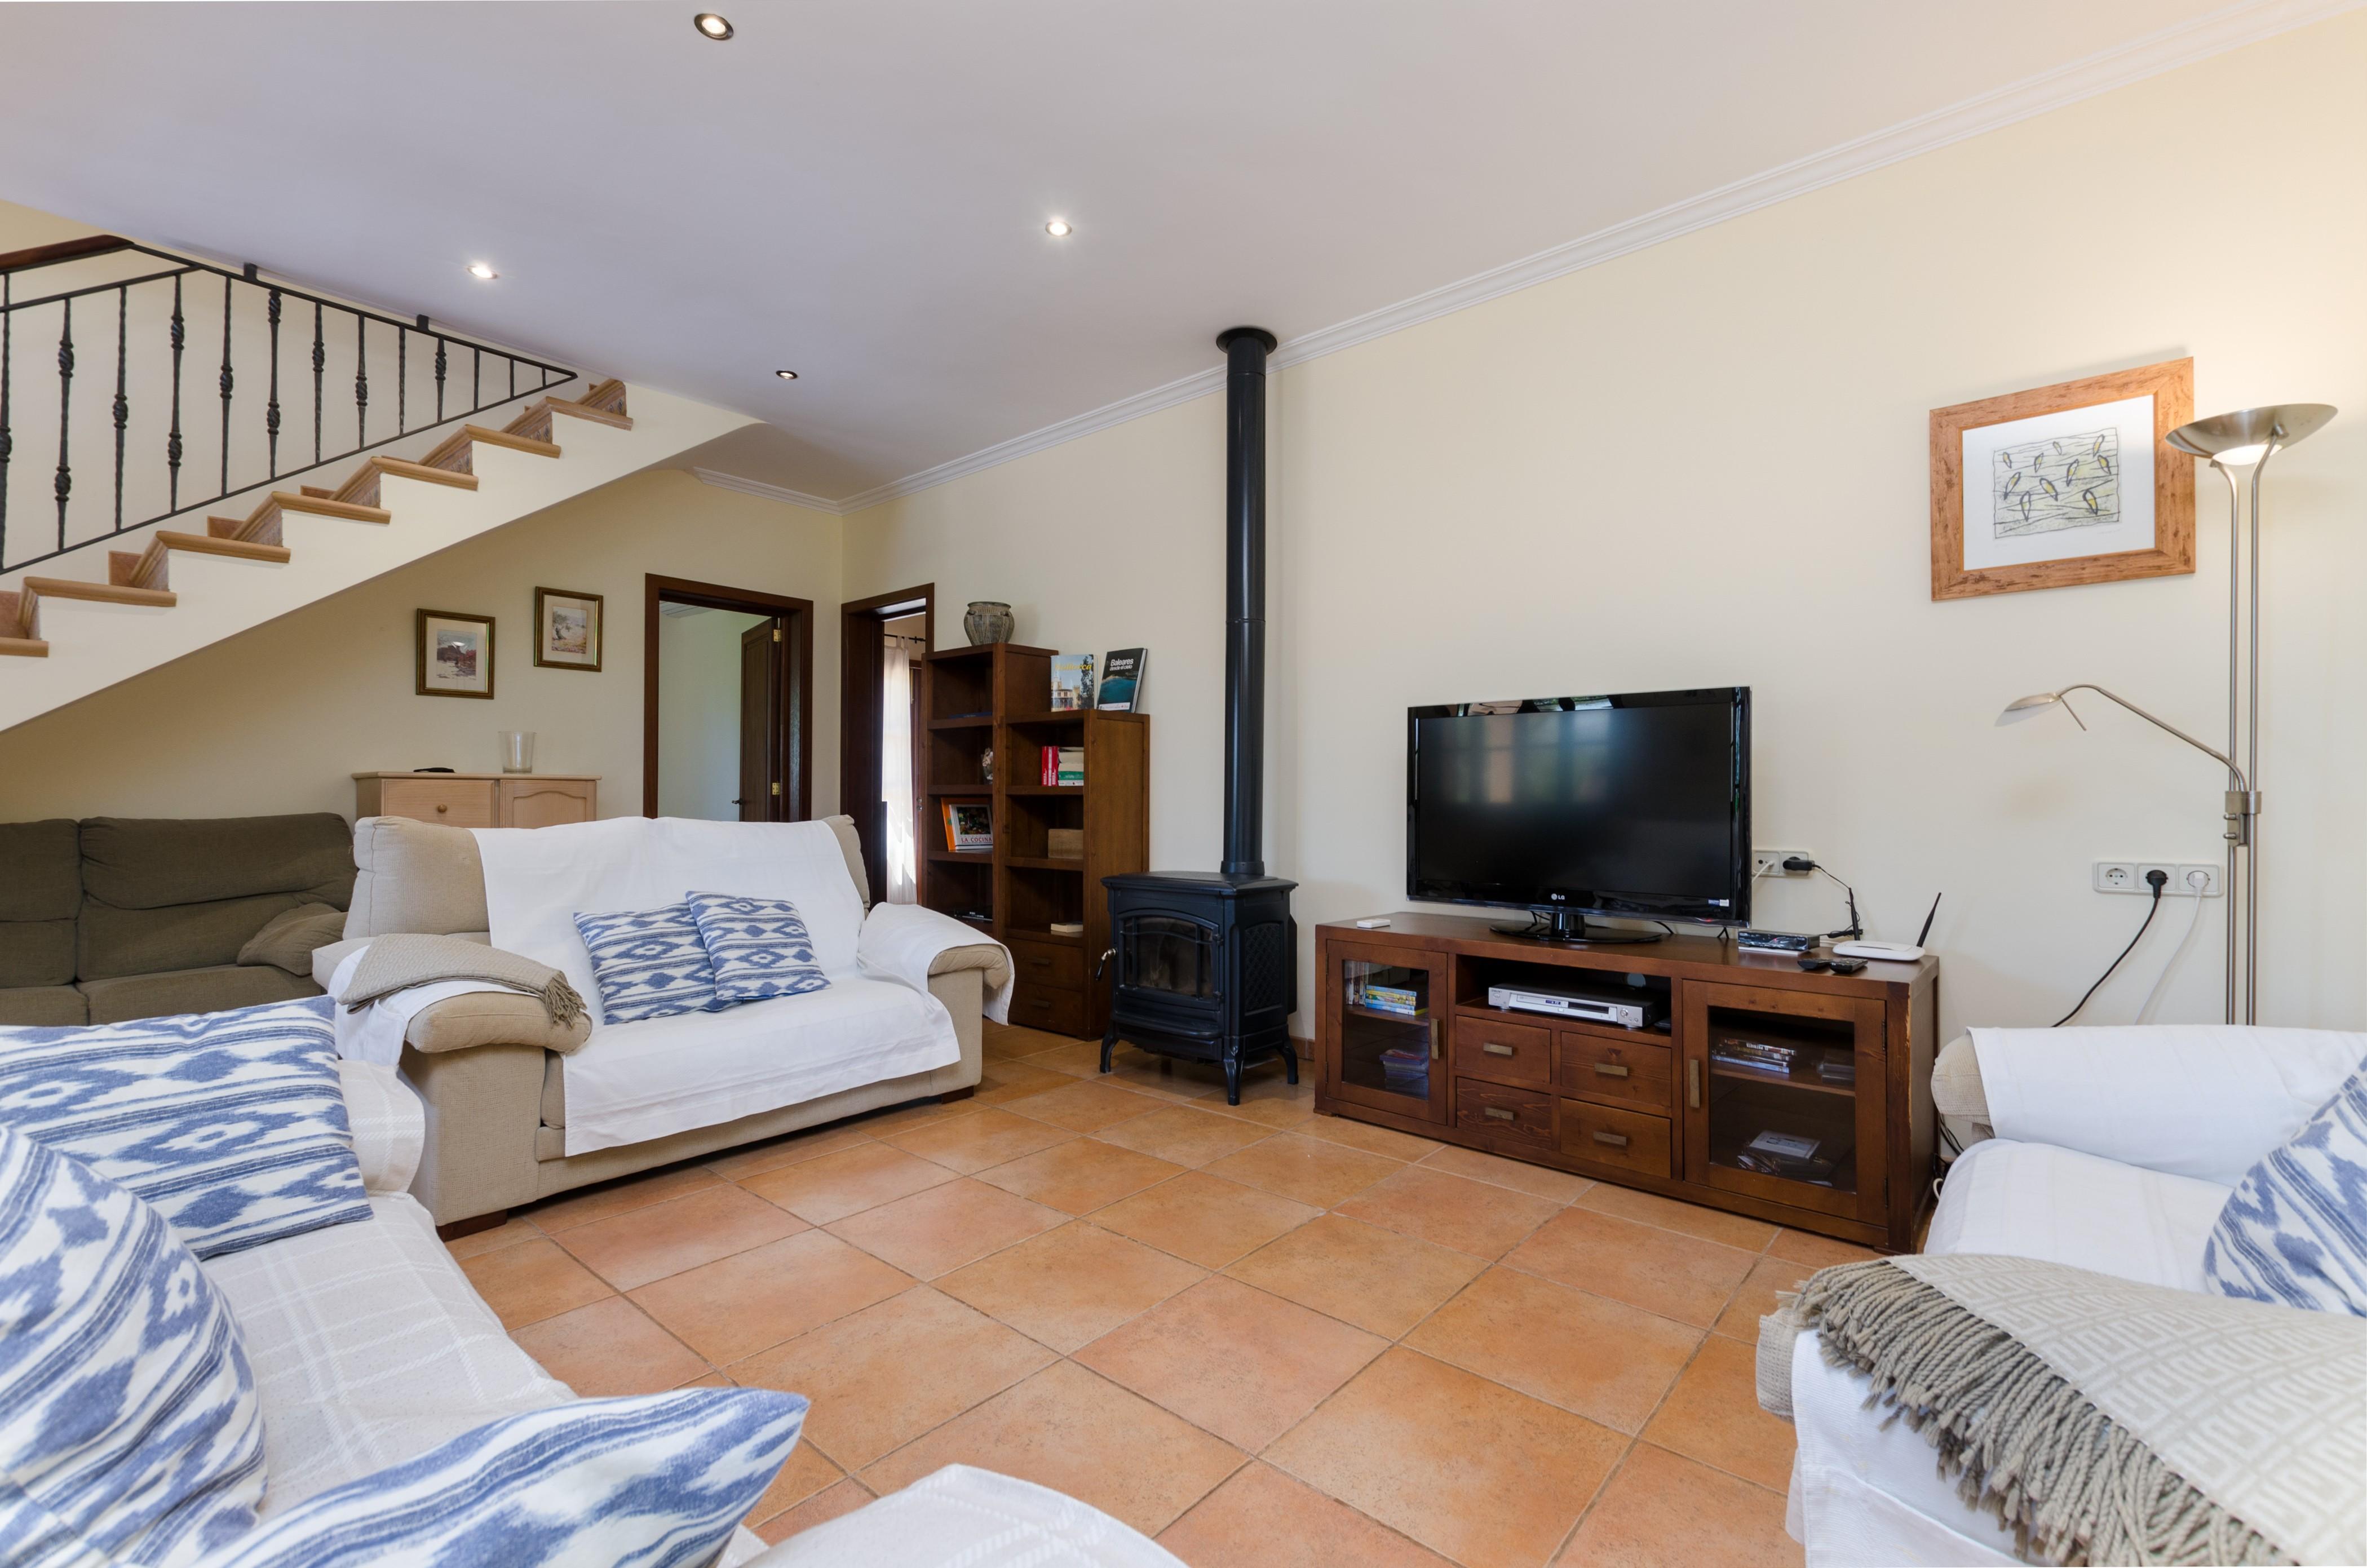 Maison de vacances ES VEDAT (2632993), Lloret de Vistalegre, Majorque, Iles Baléares, Espagne, image 13